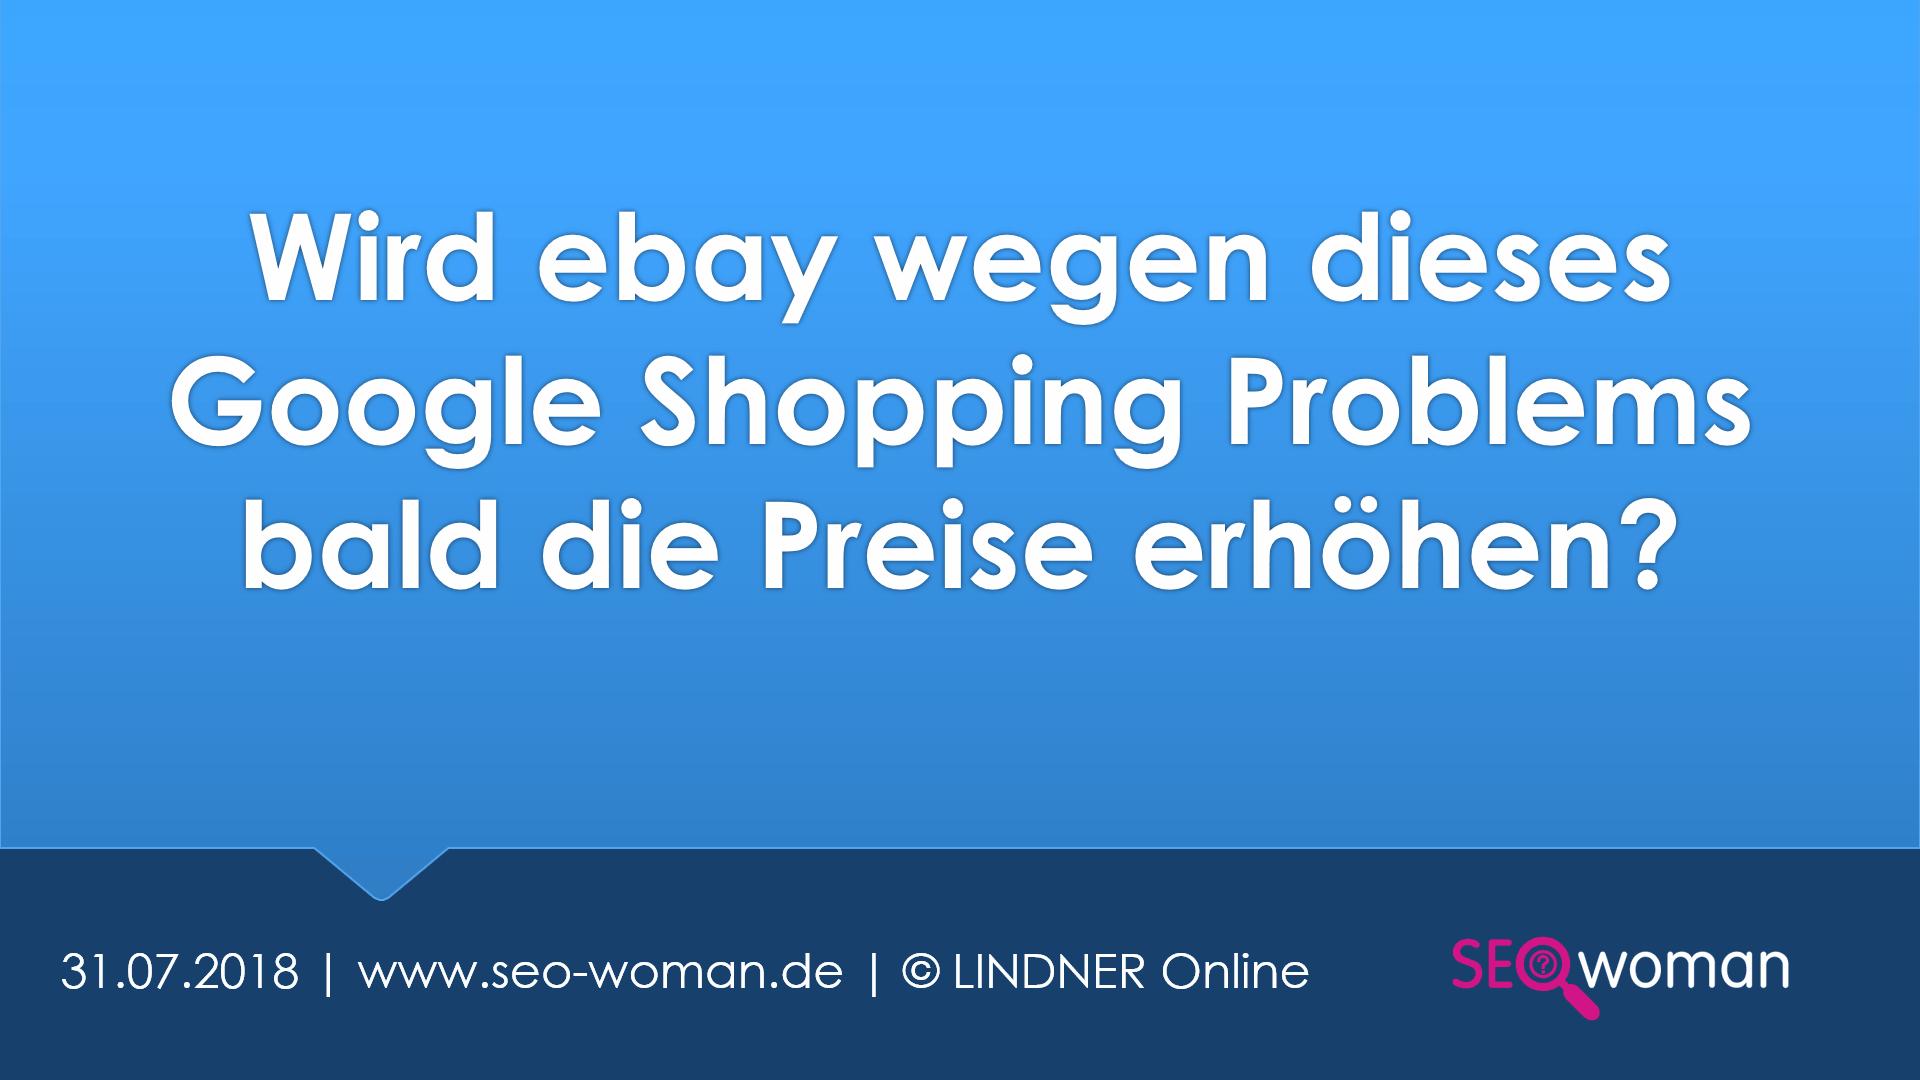 Wird Ebay bald die Preise erhöhen?